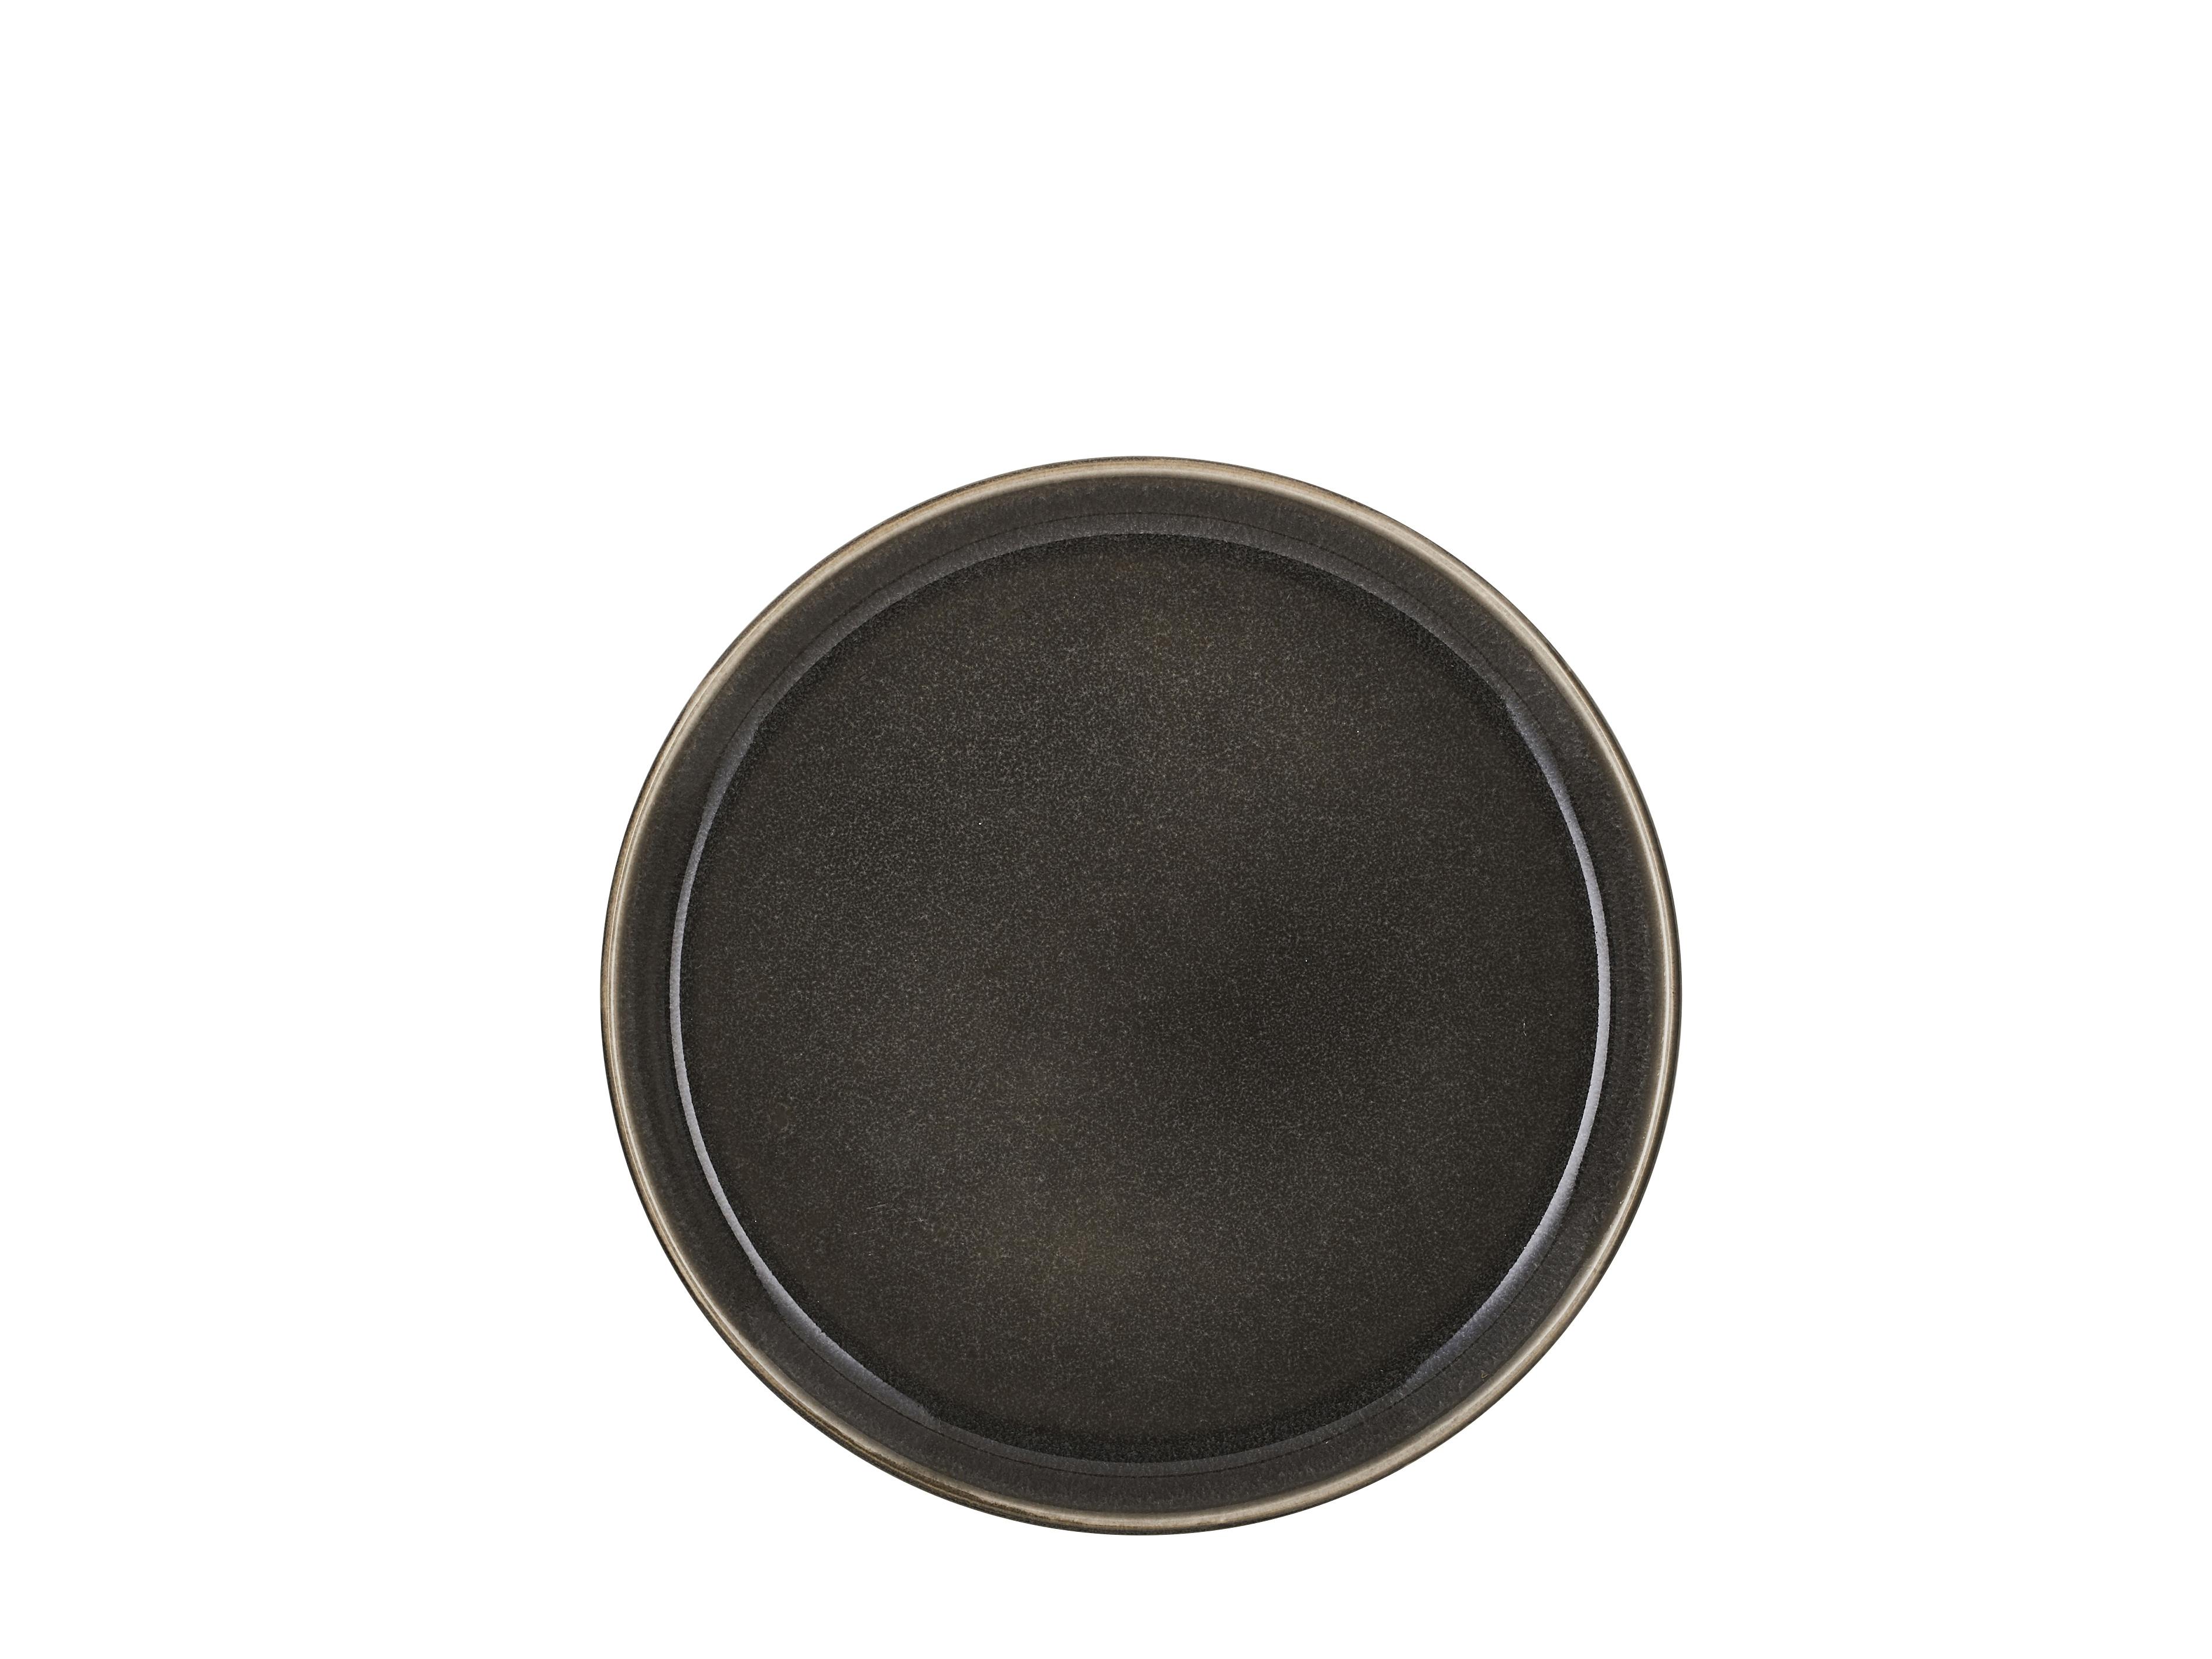 Bitz Gastro frokosttallerken, Ø21 cm, sort/grøn